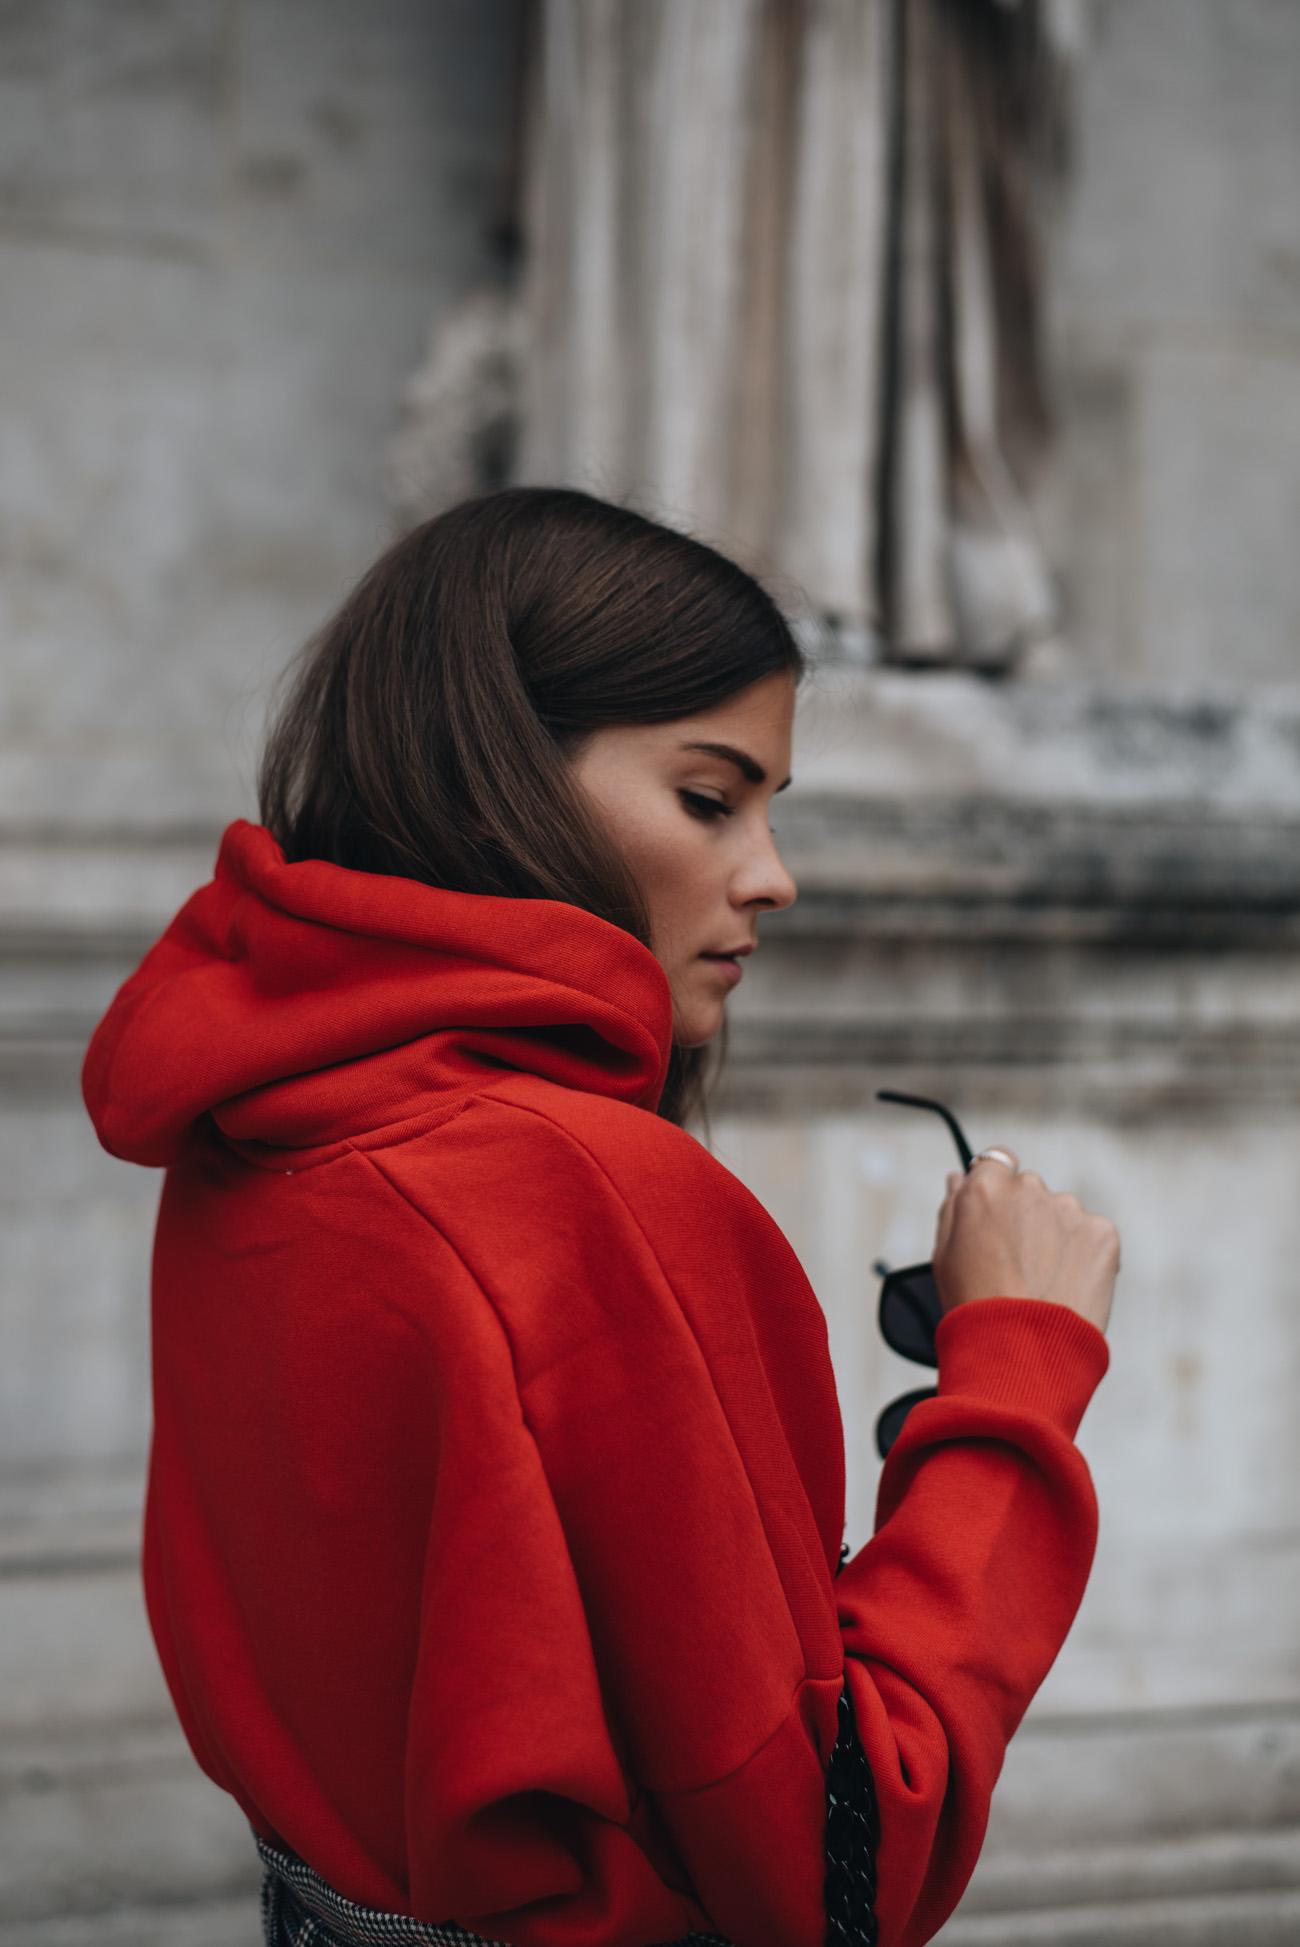 Trend-farbe-rot-kapuzen-pullover-hoodie-statement-ohrring-mcm-sonnenbrille-streetstyle-fashion-bloggerin-nina-schwichtenberg-herbs-winter-trends-2017-fashiioncarpet